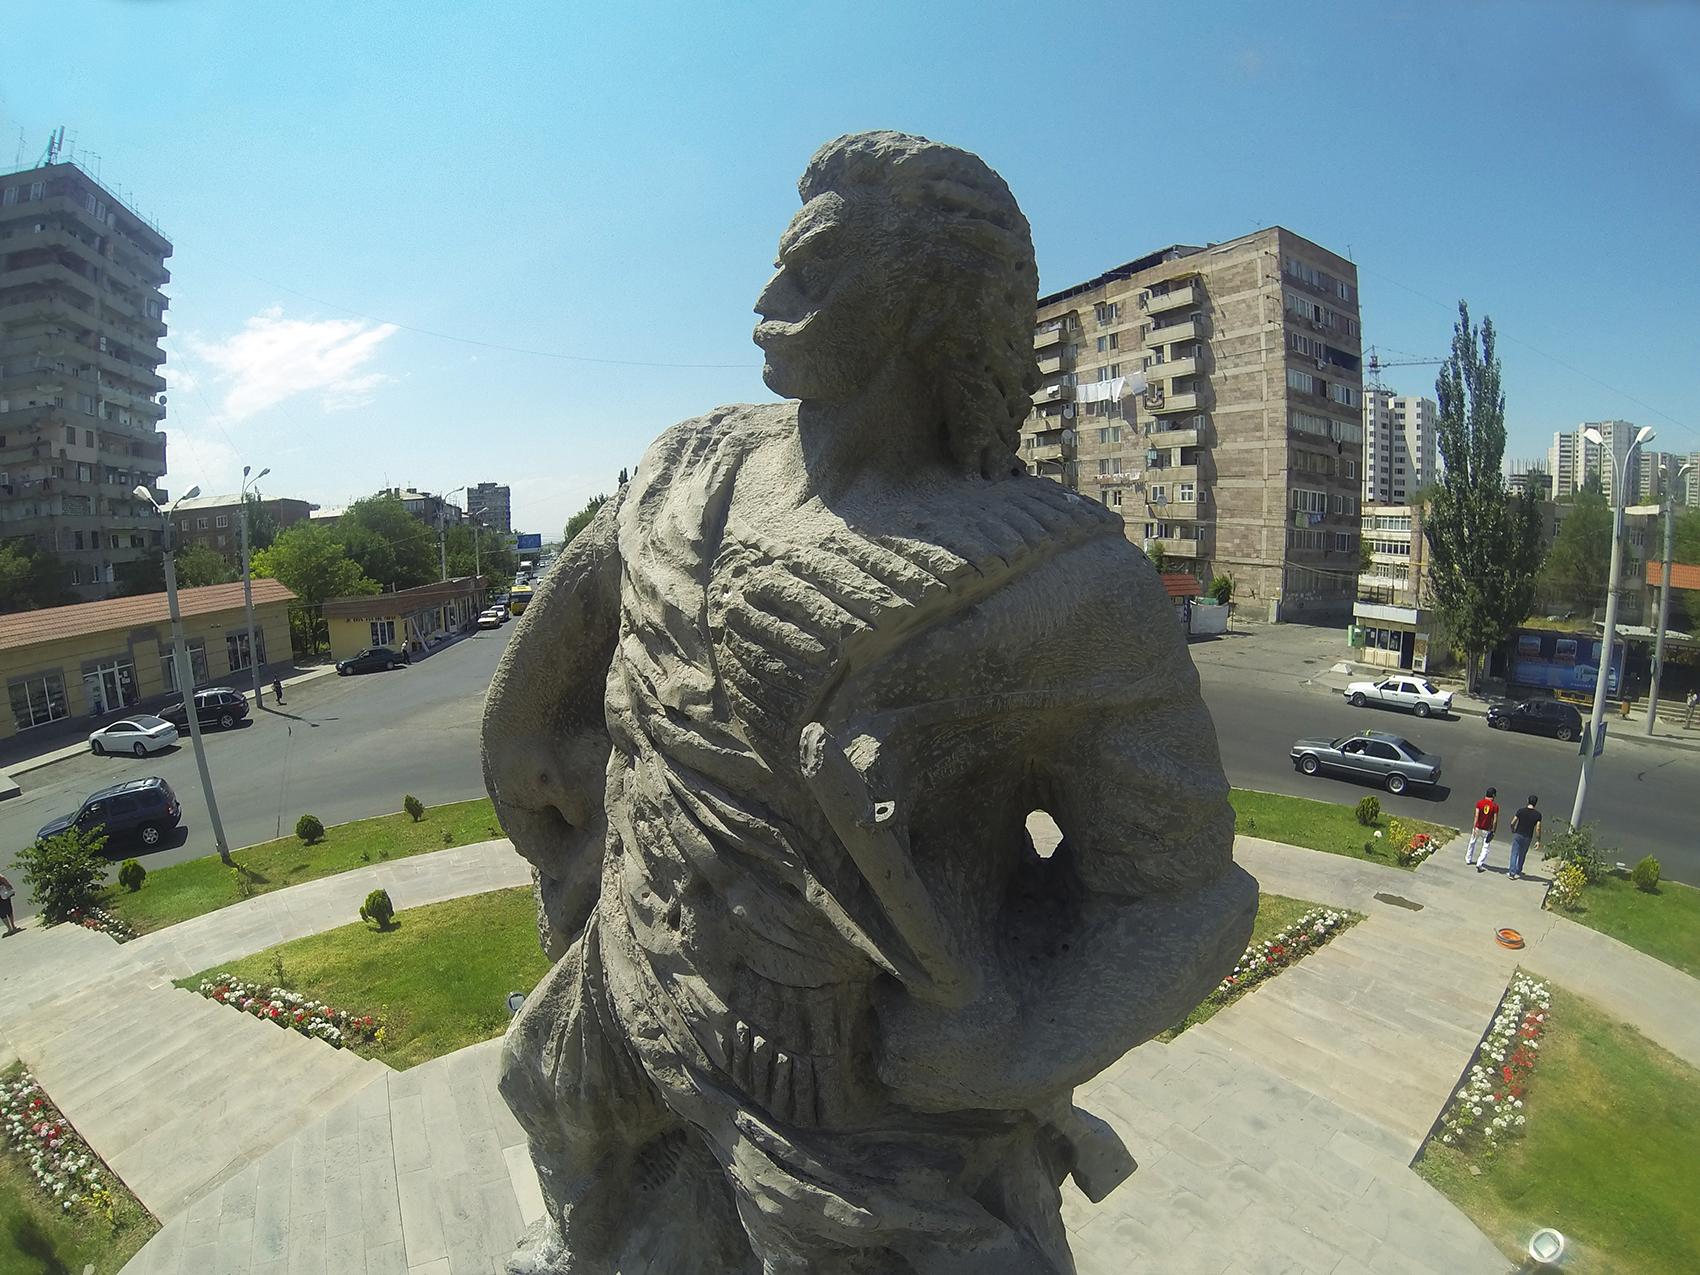 Գևորգ Չաուշի հուշարձան (Երևան, Աջափնյակ) - Վիքիպեդիա՝ ազատ հանրագիտարան